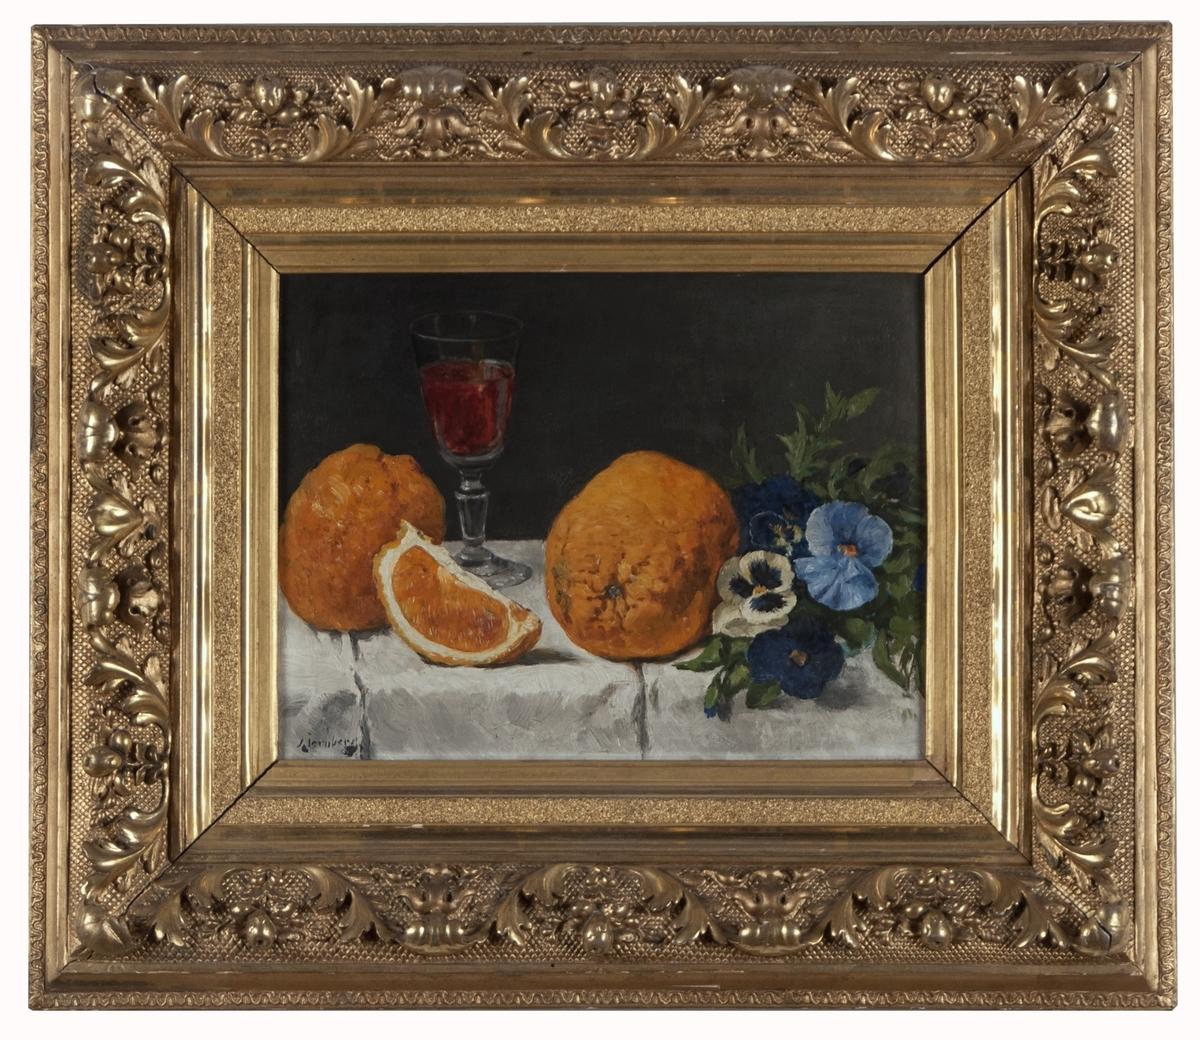 Tavla med ram. Olja på pannå. Stilleben med glas, frukt och blommor på bord. T.v. två oskalade, orange apelsiner och framför en klyfta. I bakgrunden ett halvfyllt vinglas med röd dryck. T.h. gulblåvita blommor med gröna blad. Föremålen på gråvit, veckad bordsduk. Fonden gråsvart. (Kat.kort) Montering/Ram: Förgylld originalram